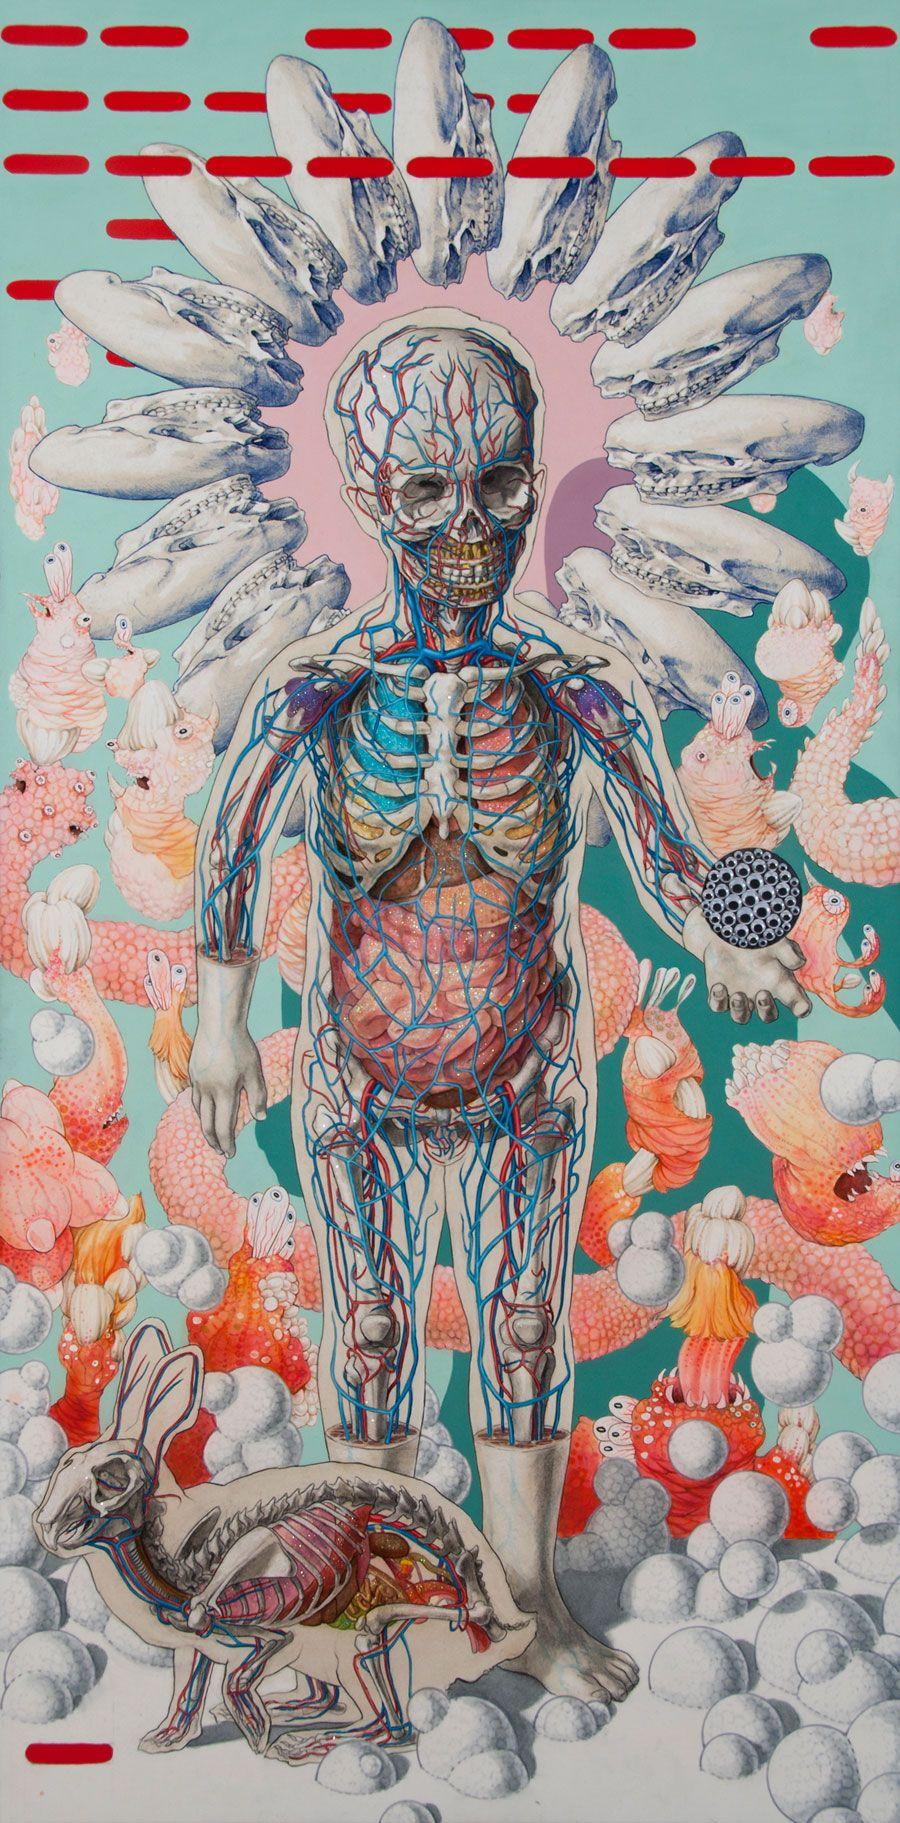 MICHAEL REEDY | Pinturas, Anatomía y Ilustraciones